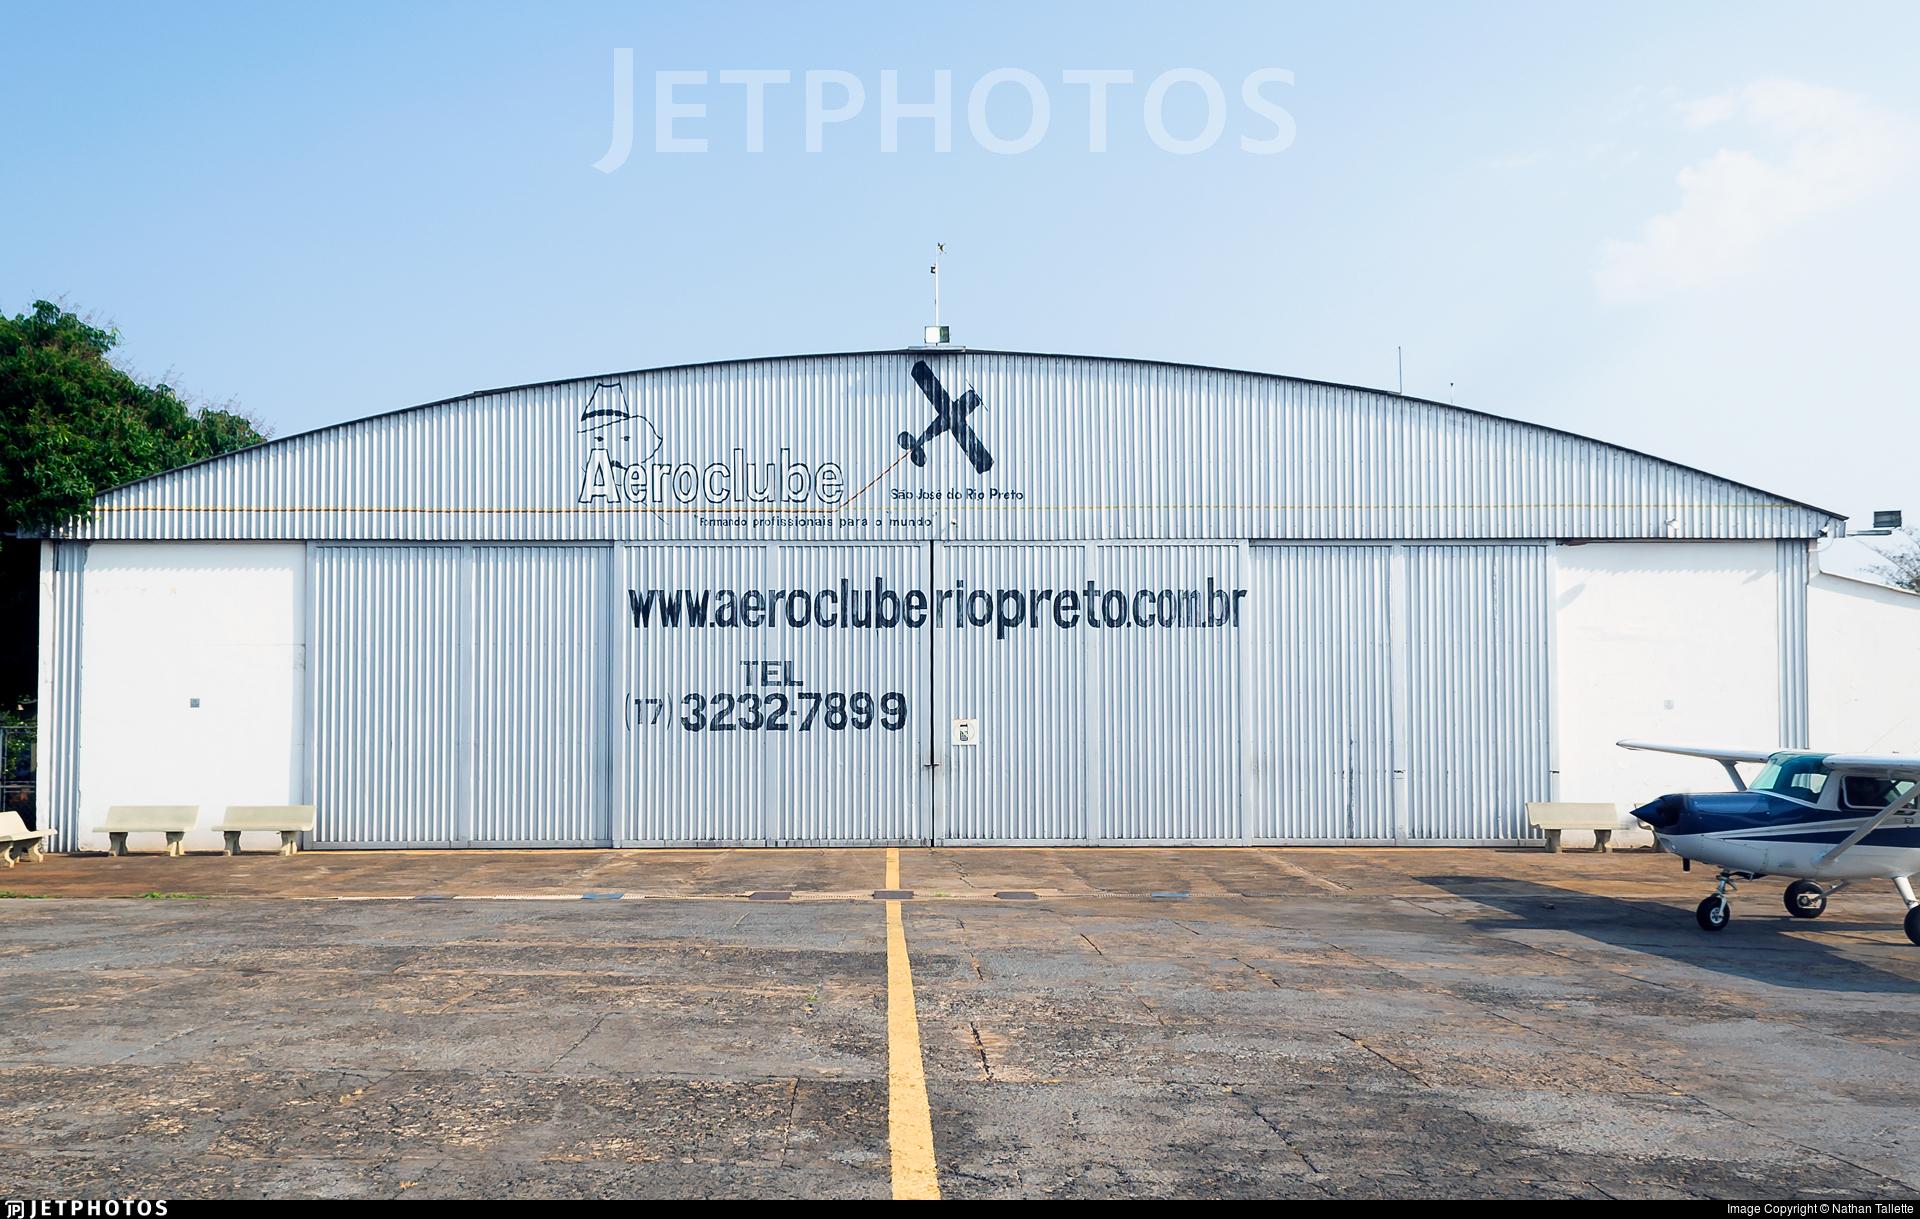 SBSR - Airport - Hangar